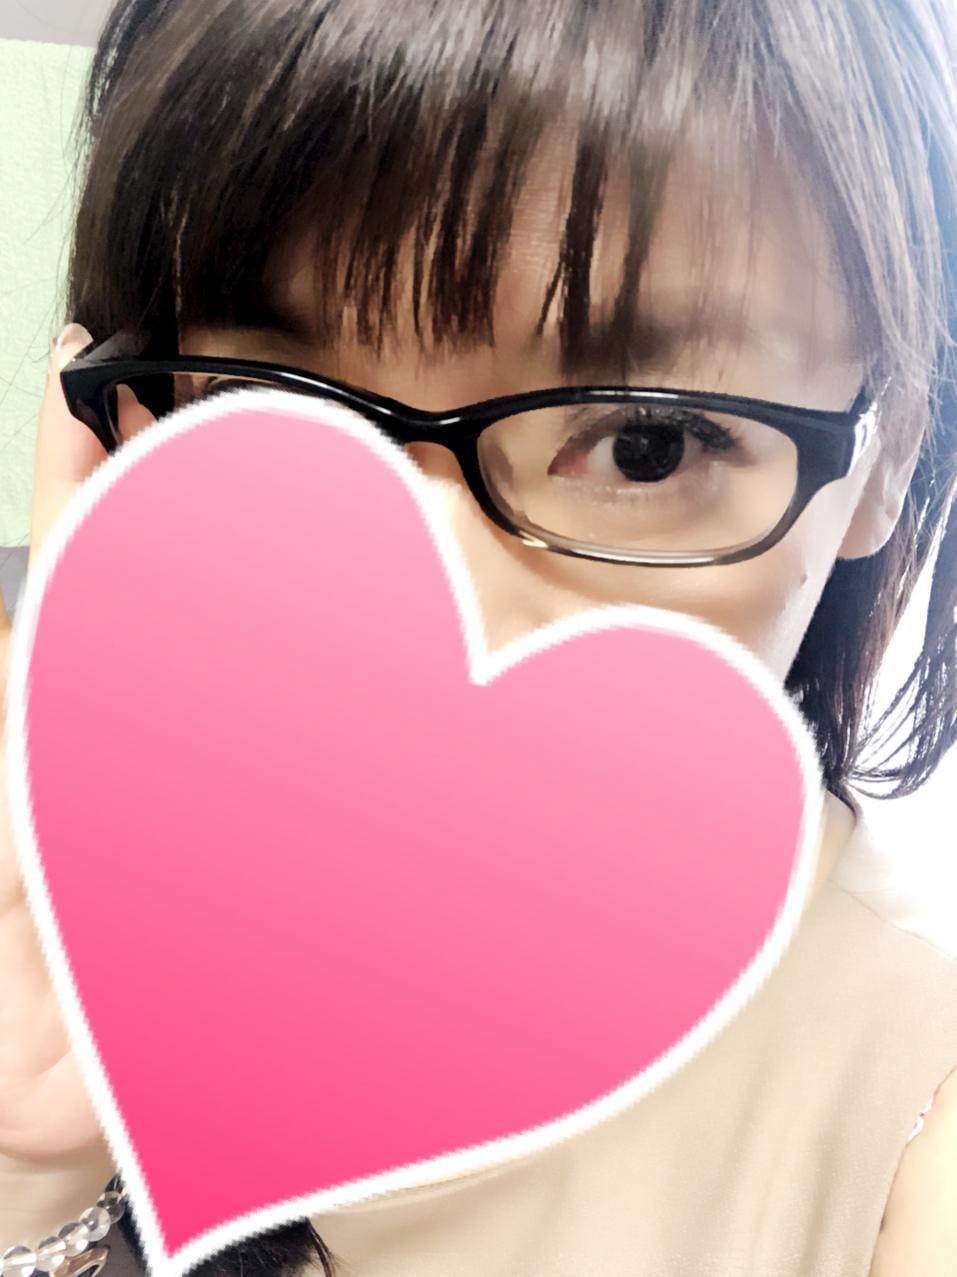 「おやすみなさい」11/07(11/07) 21:45   はるかの写メ・風俗動画